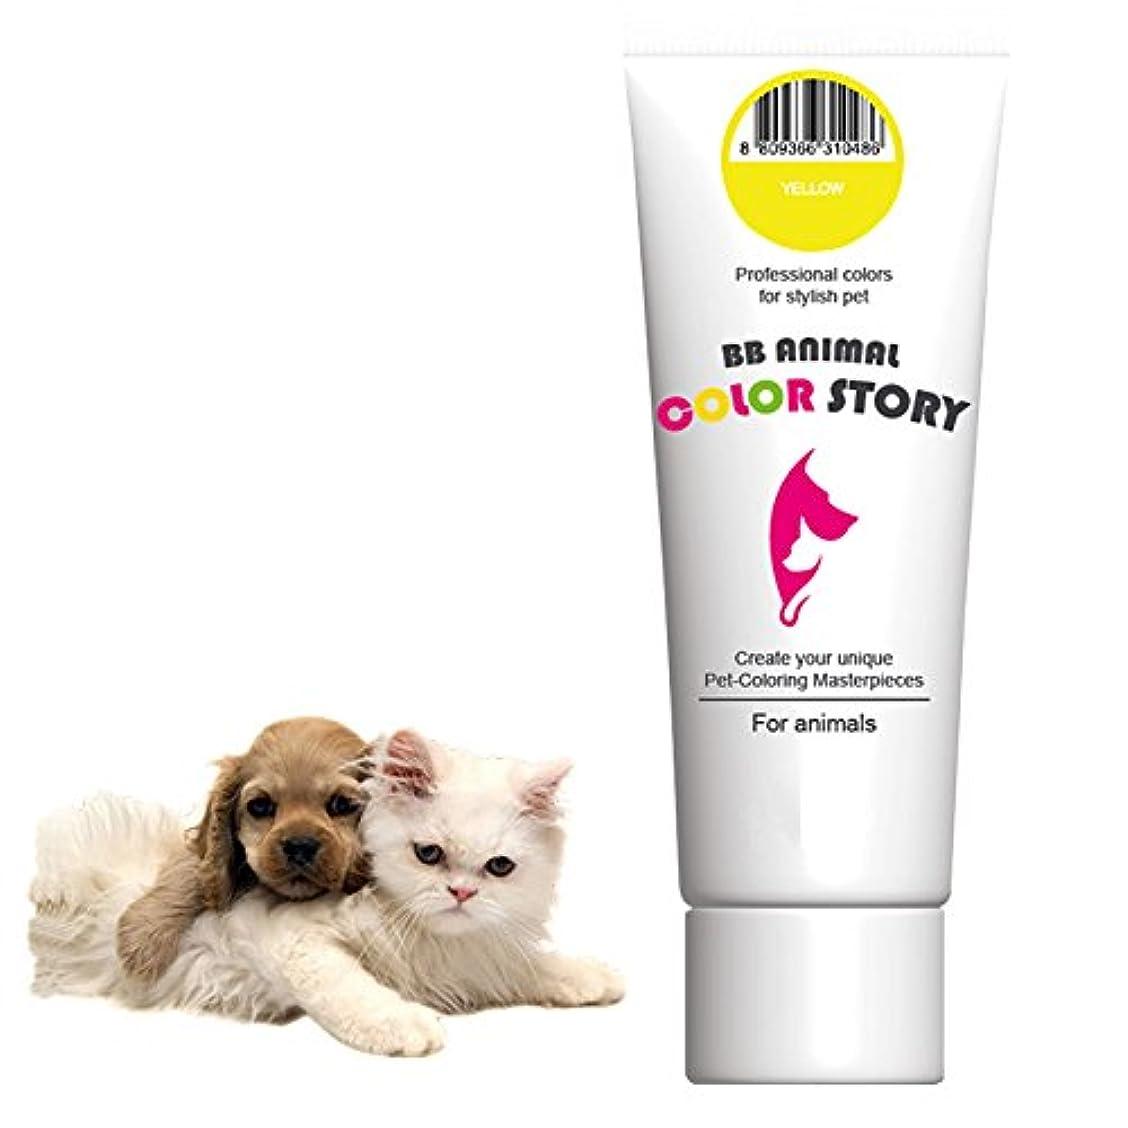 信号早熟懺悔毛染め, 犬ヘアダイ Yellow カラーリング Dog Hair Hair Bleach Dye Hair Coloring Professional Colors for Stylish Pet 50ml 並行輸入